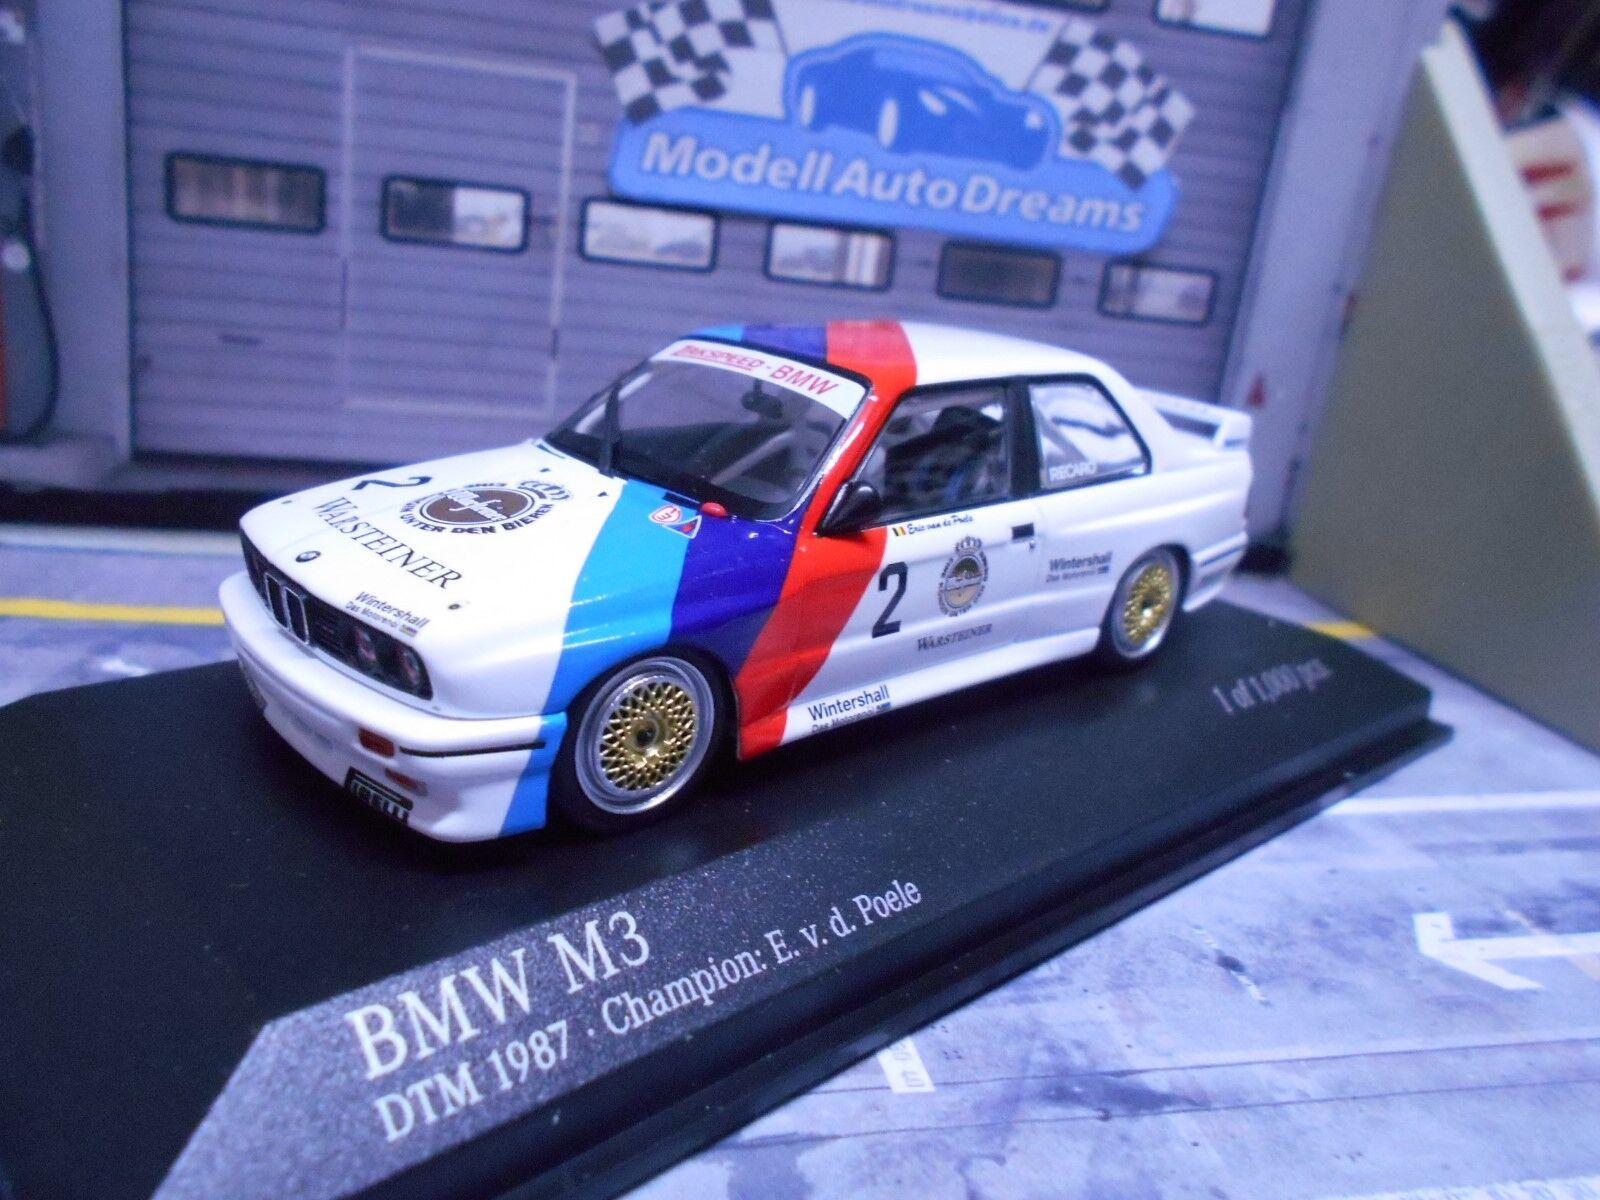 Bmw m3 e30 DTM etc 1987  2 van de poele Champion maestro Zak Minichamps rar 1 43